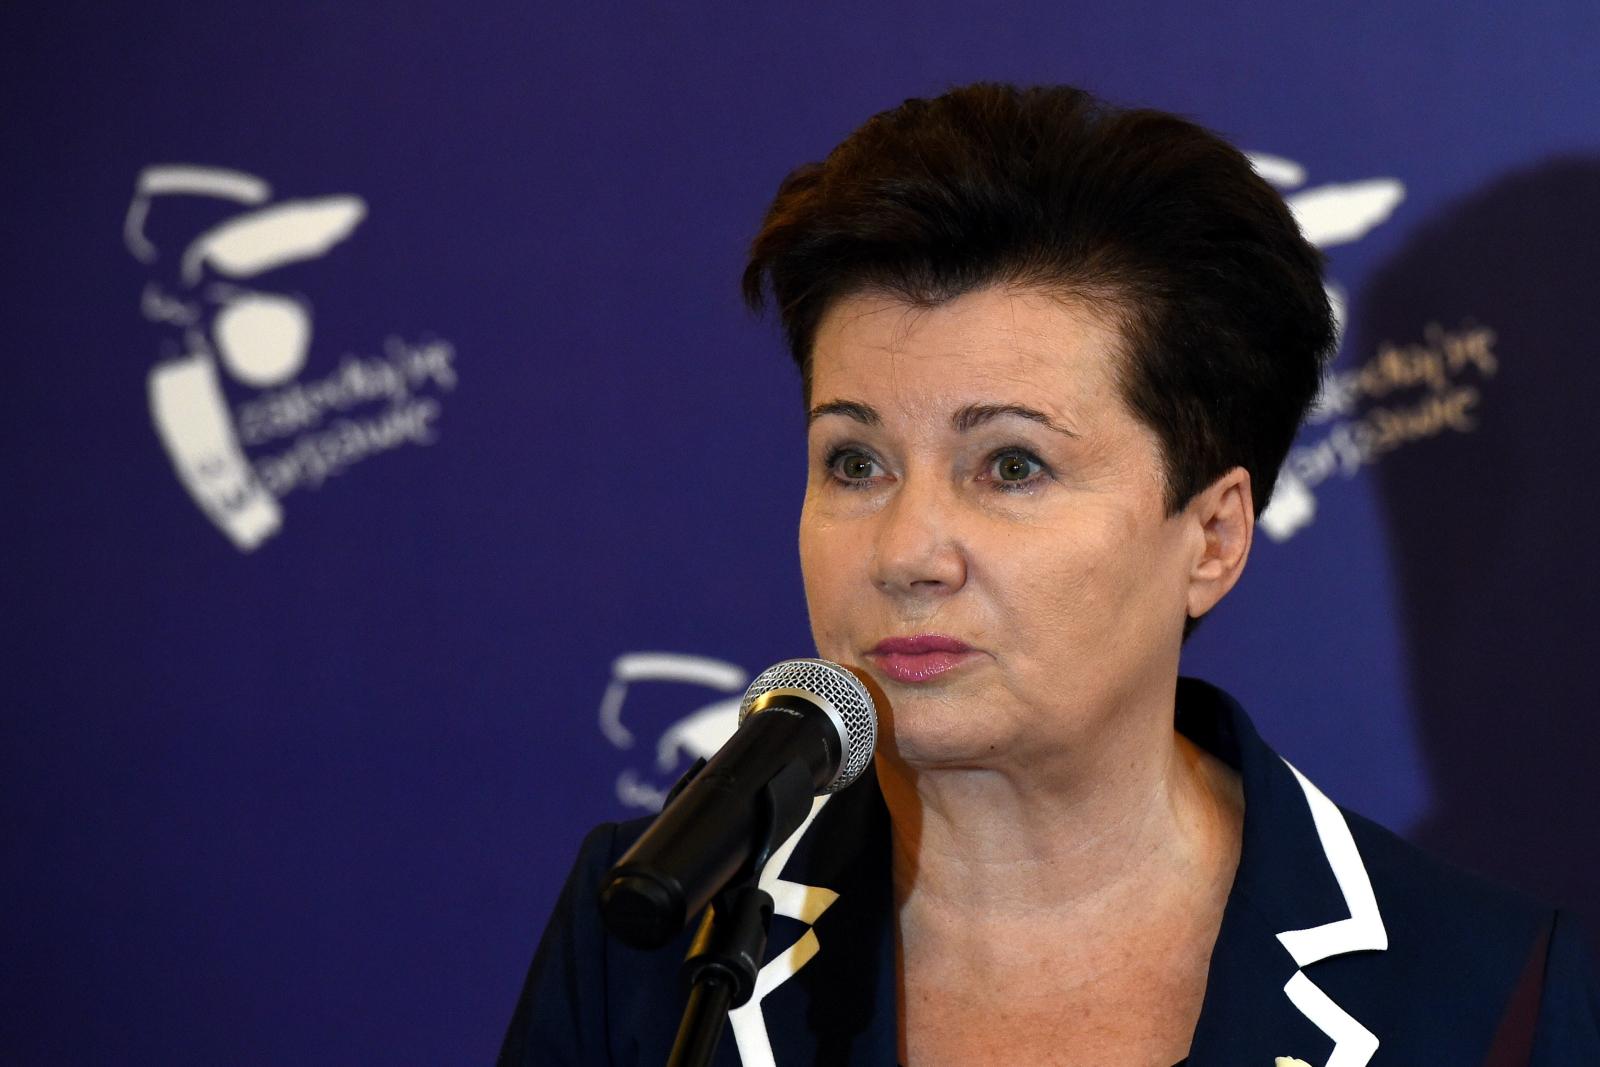 84b65957e9d3c W środę Wojewódzki Sąd Administracyjny uchylił pierwszą z grzywien 3 tys.  zł